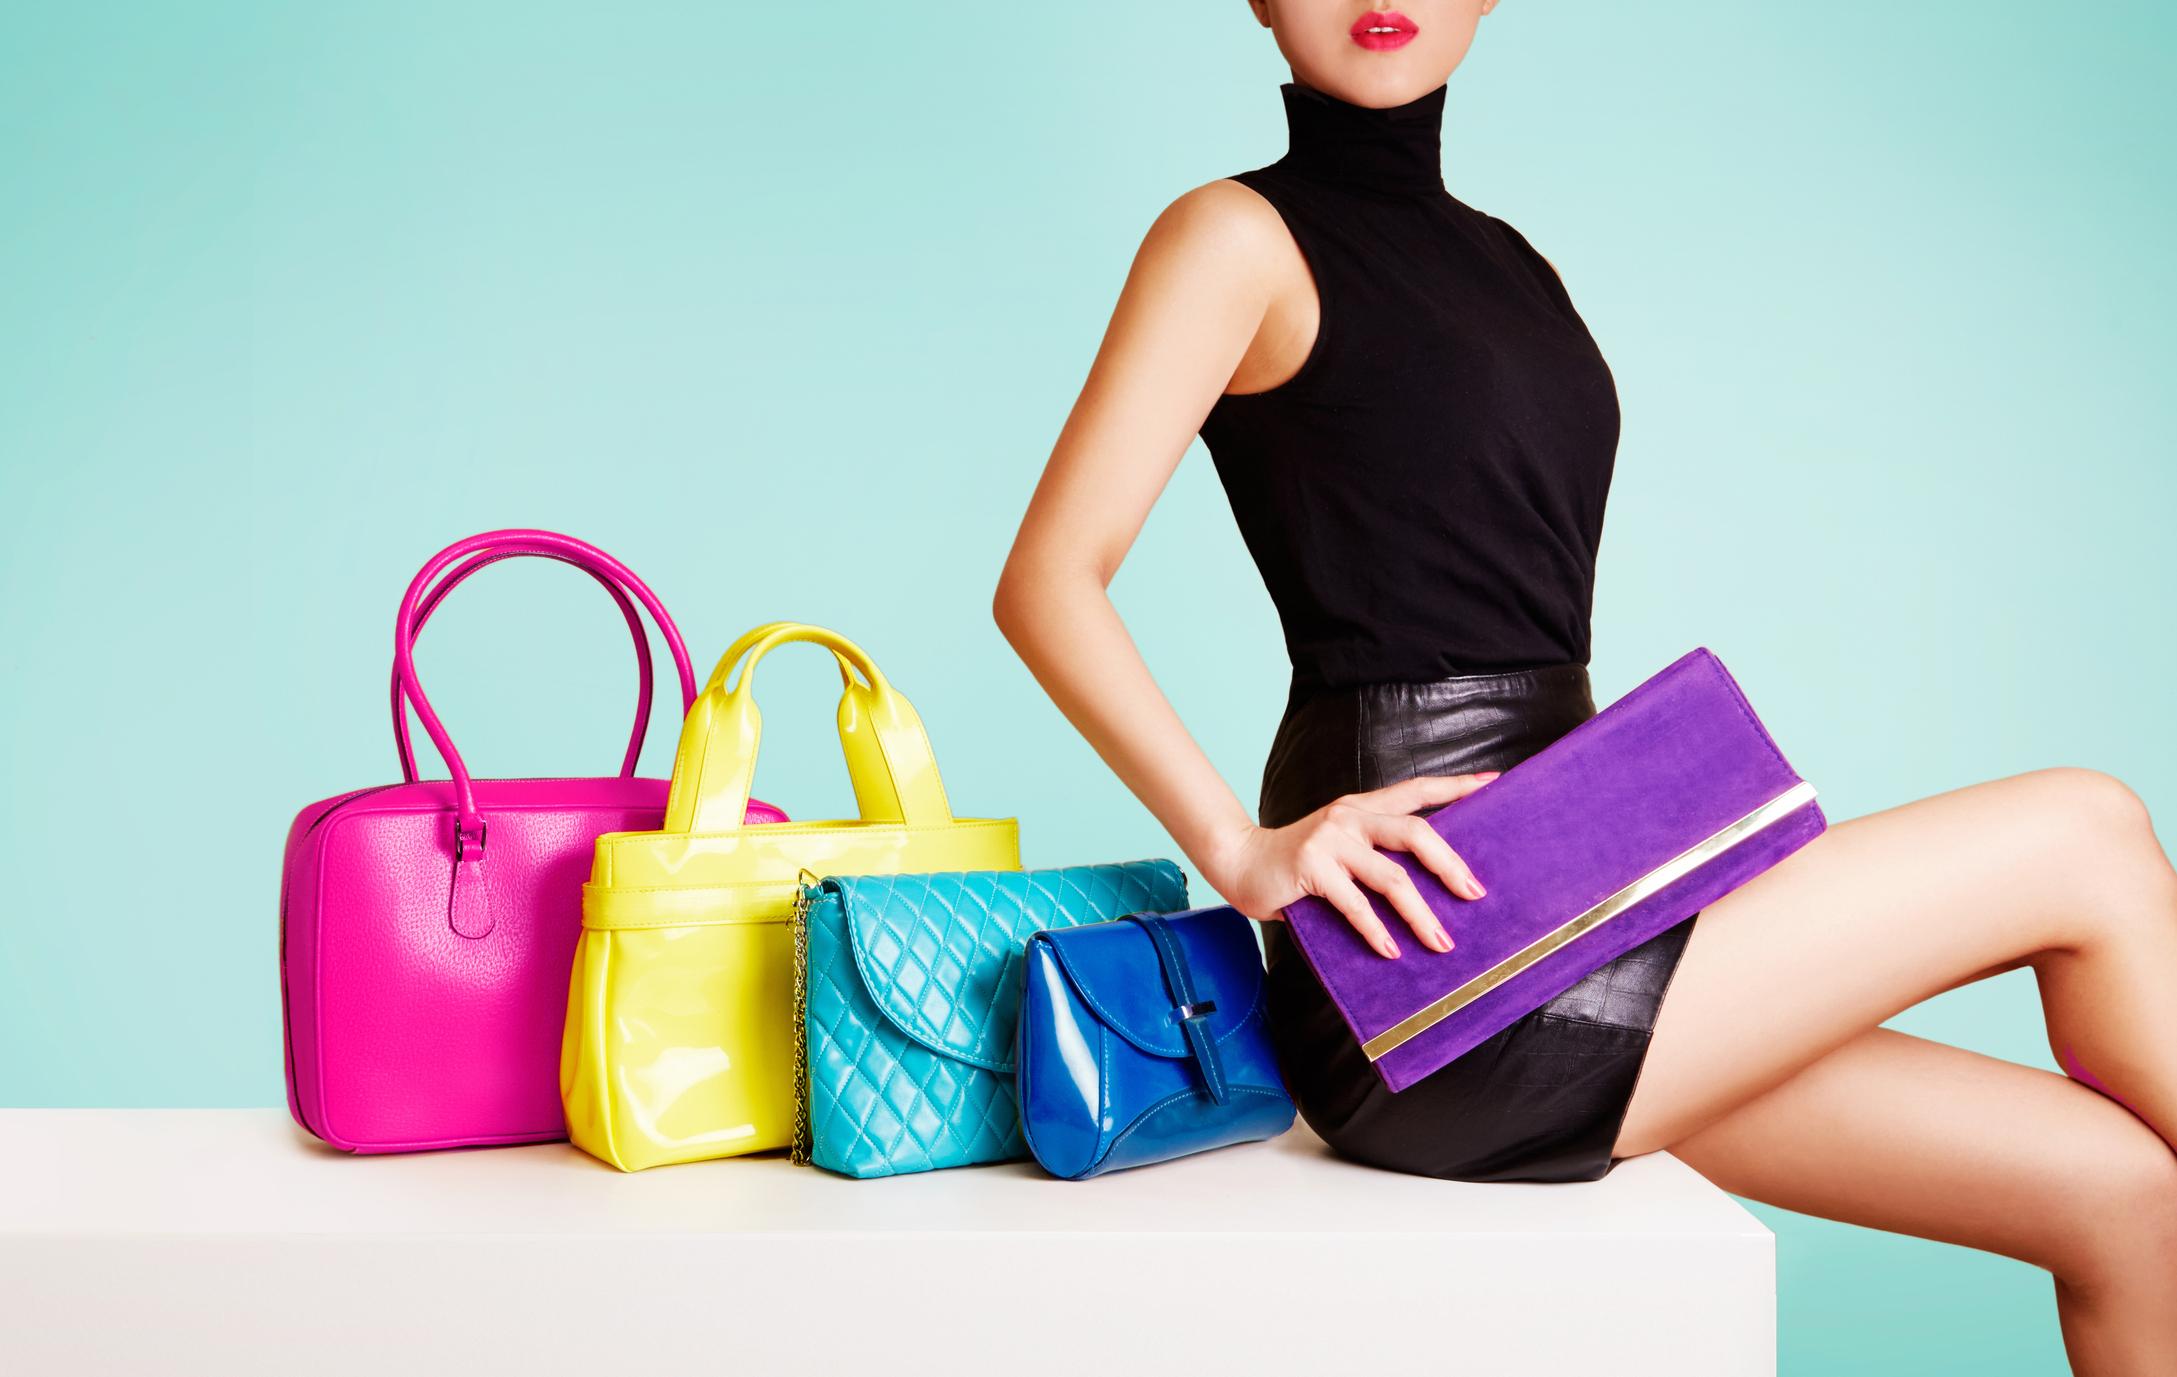 картинка для интернет магазина женской одежды люкс всего делают